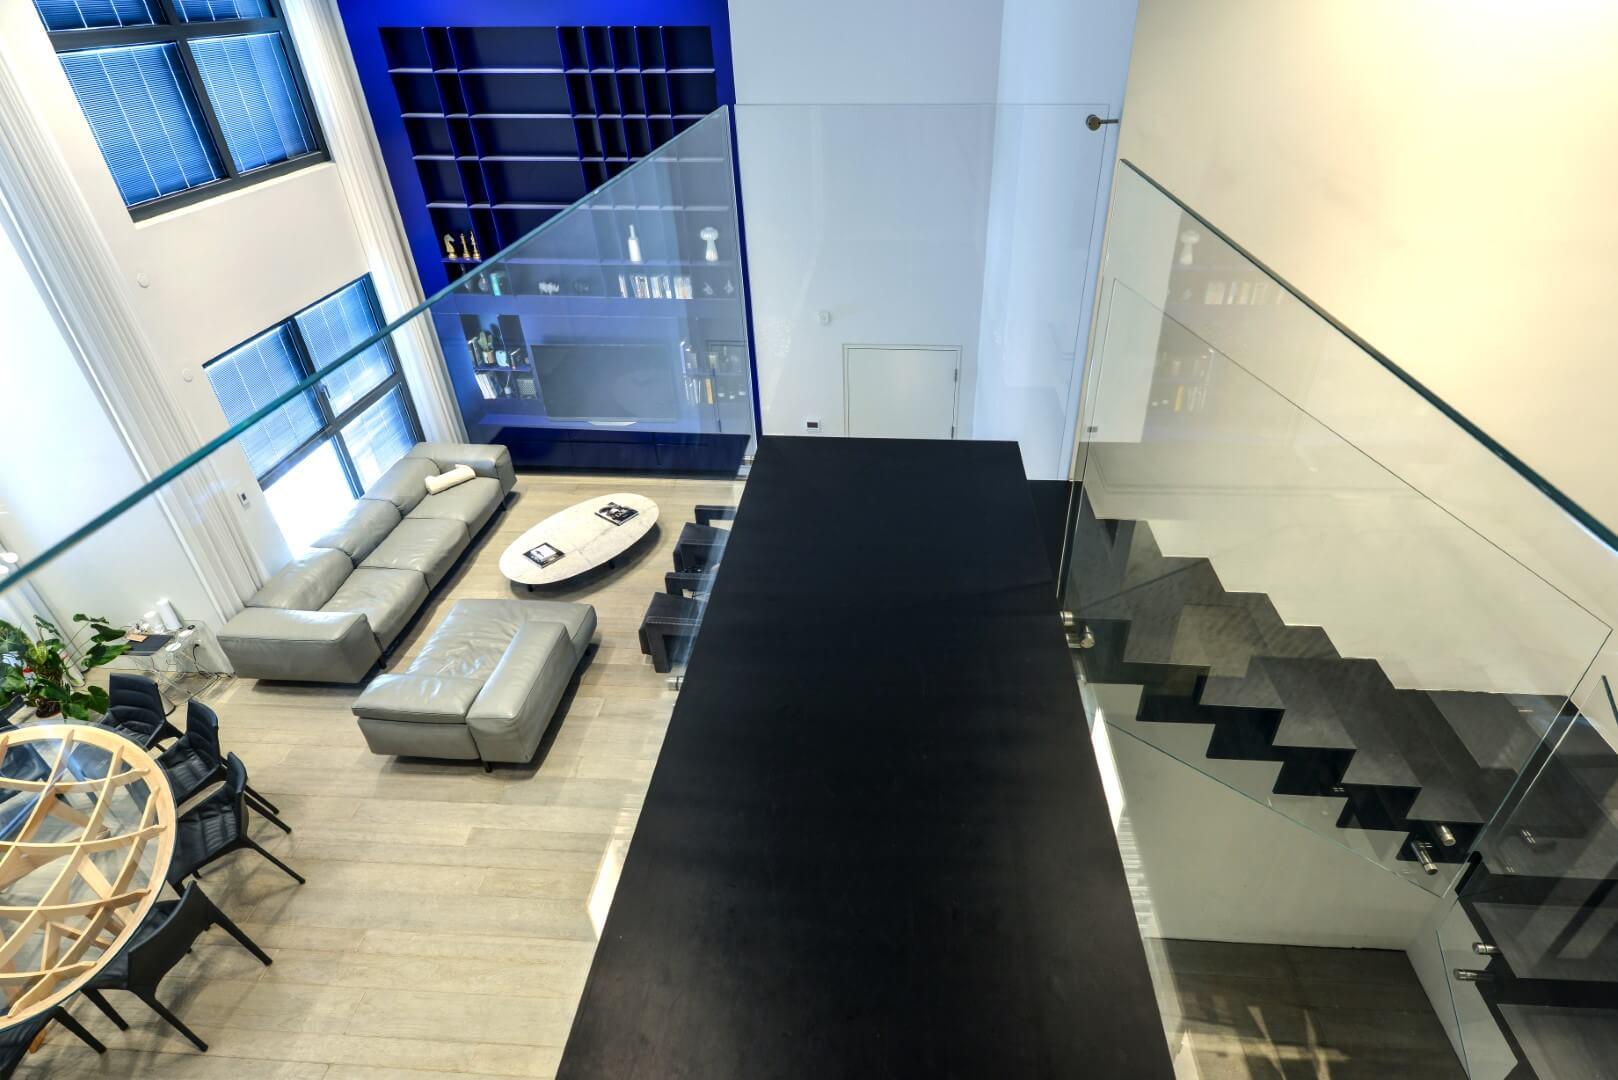 מבט מהקומה השניה על שני גרמי מדרגות ברזל עם מעקה הזכוכית והסלון המפואר בפנטהאוס